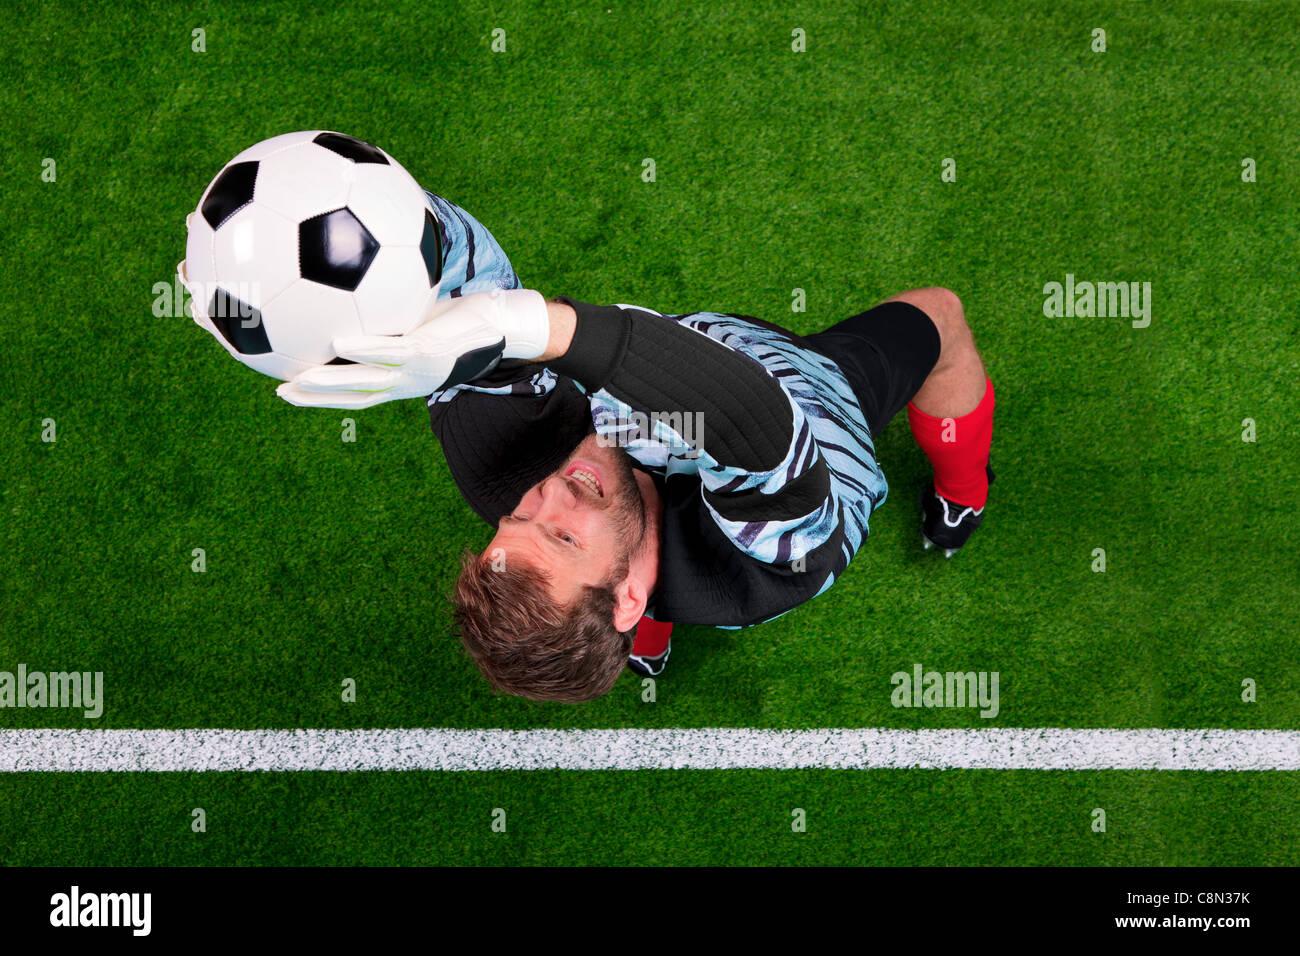 Foto aerea di un portiere di calcio di saltare in aria il salvataggio la sfera sulla linea. Punto di messa a fuoco Immagini Stock